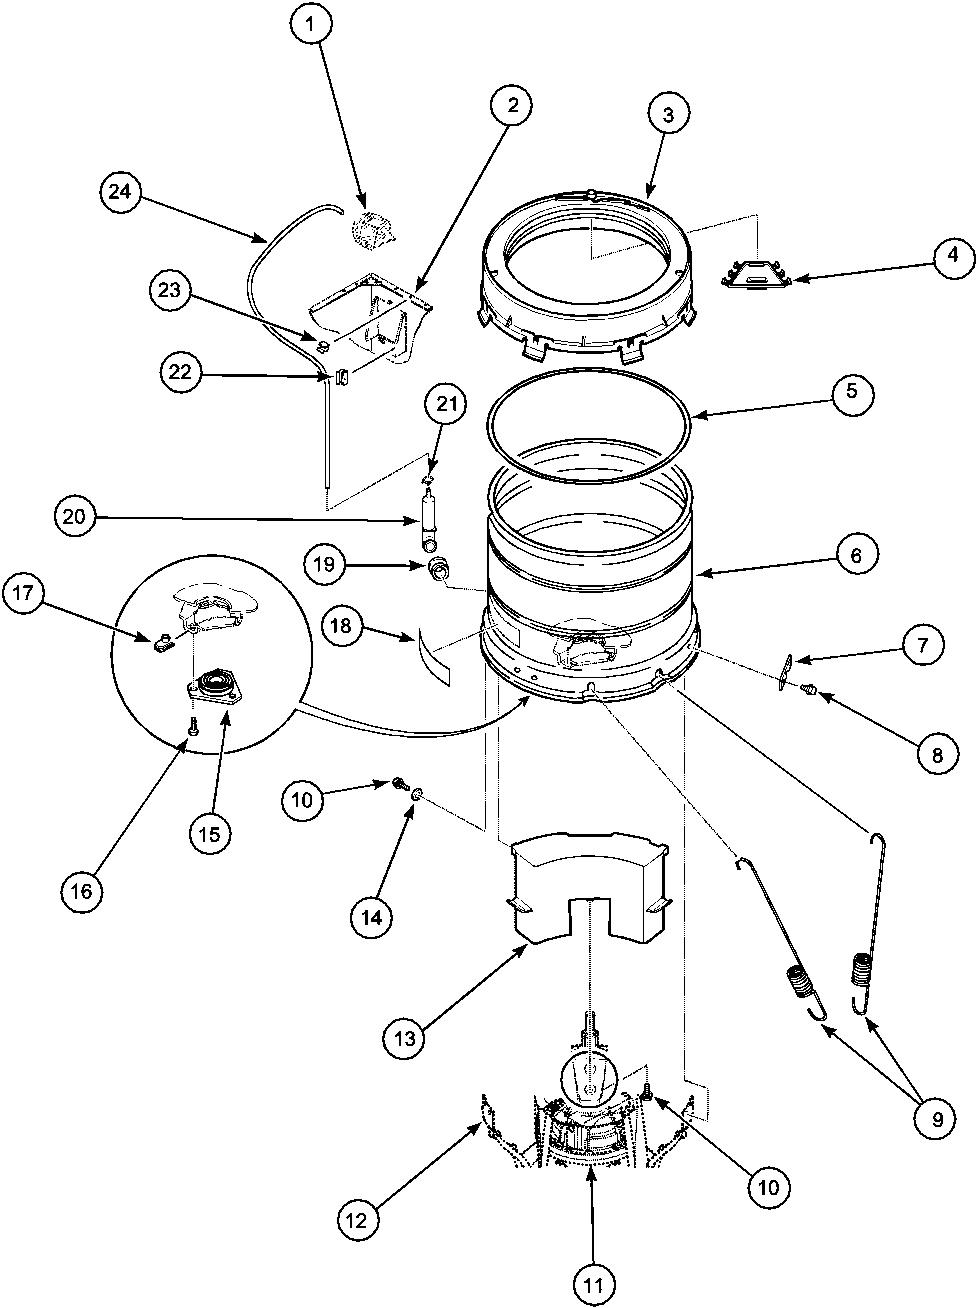 pressure washer wiring diagram